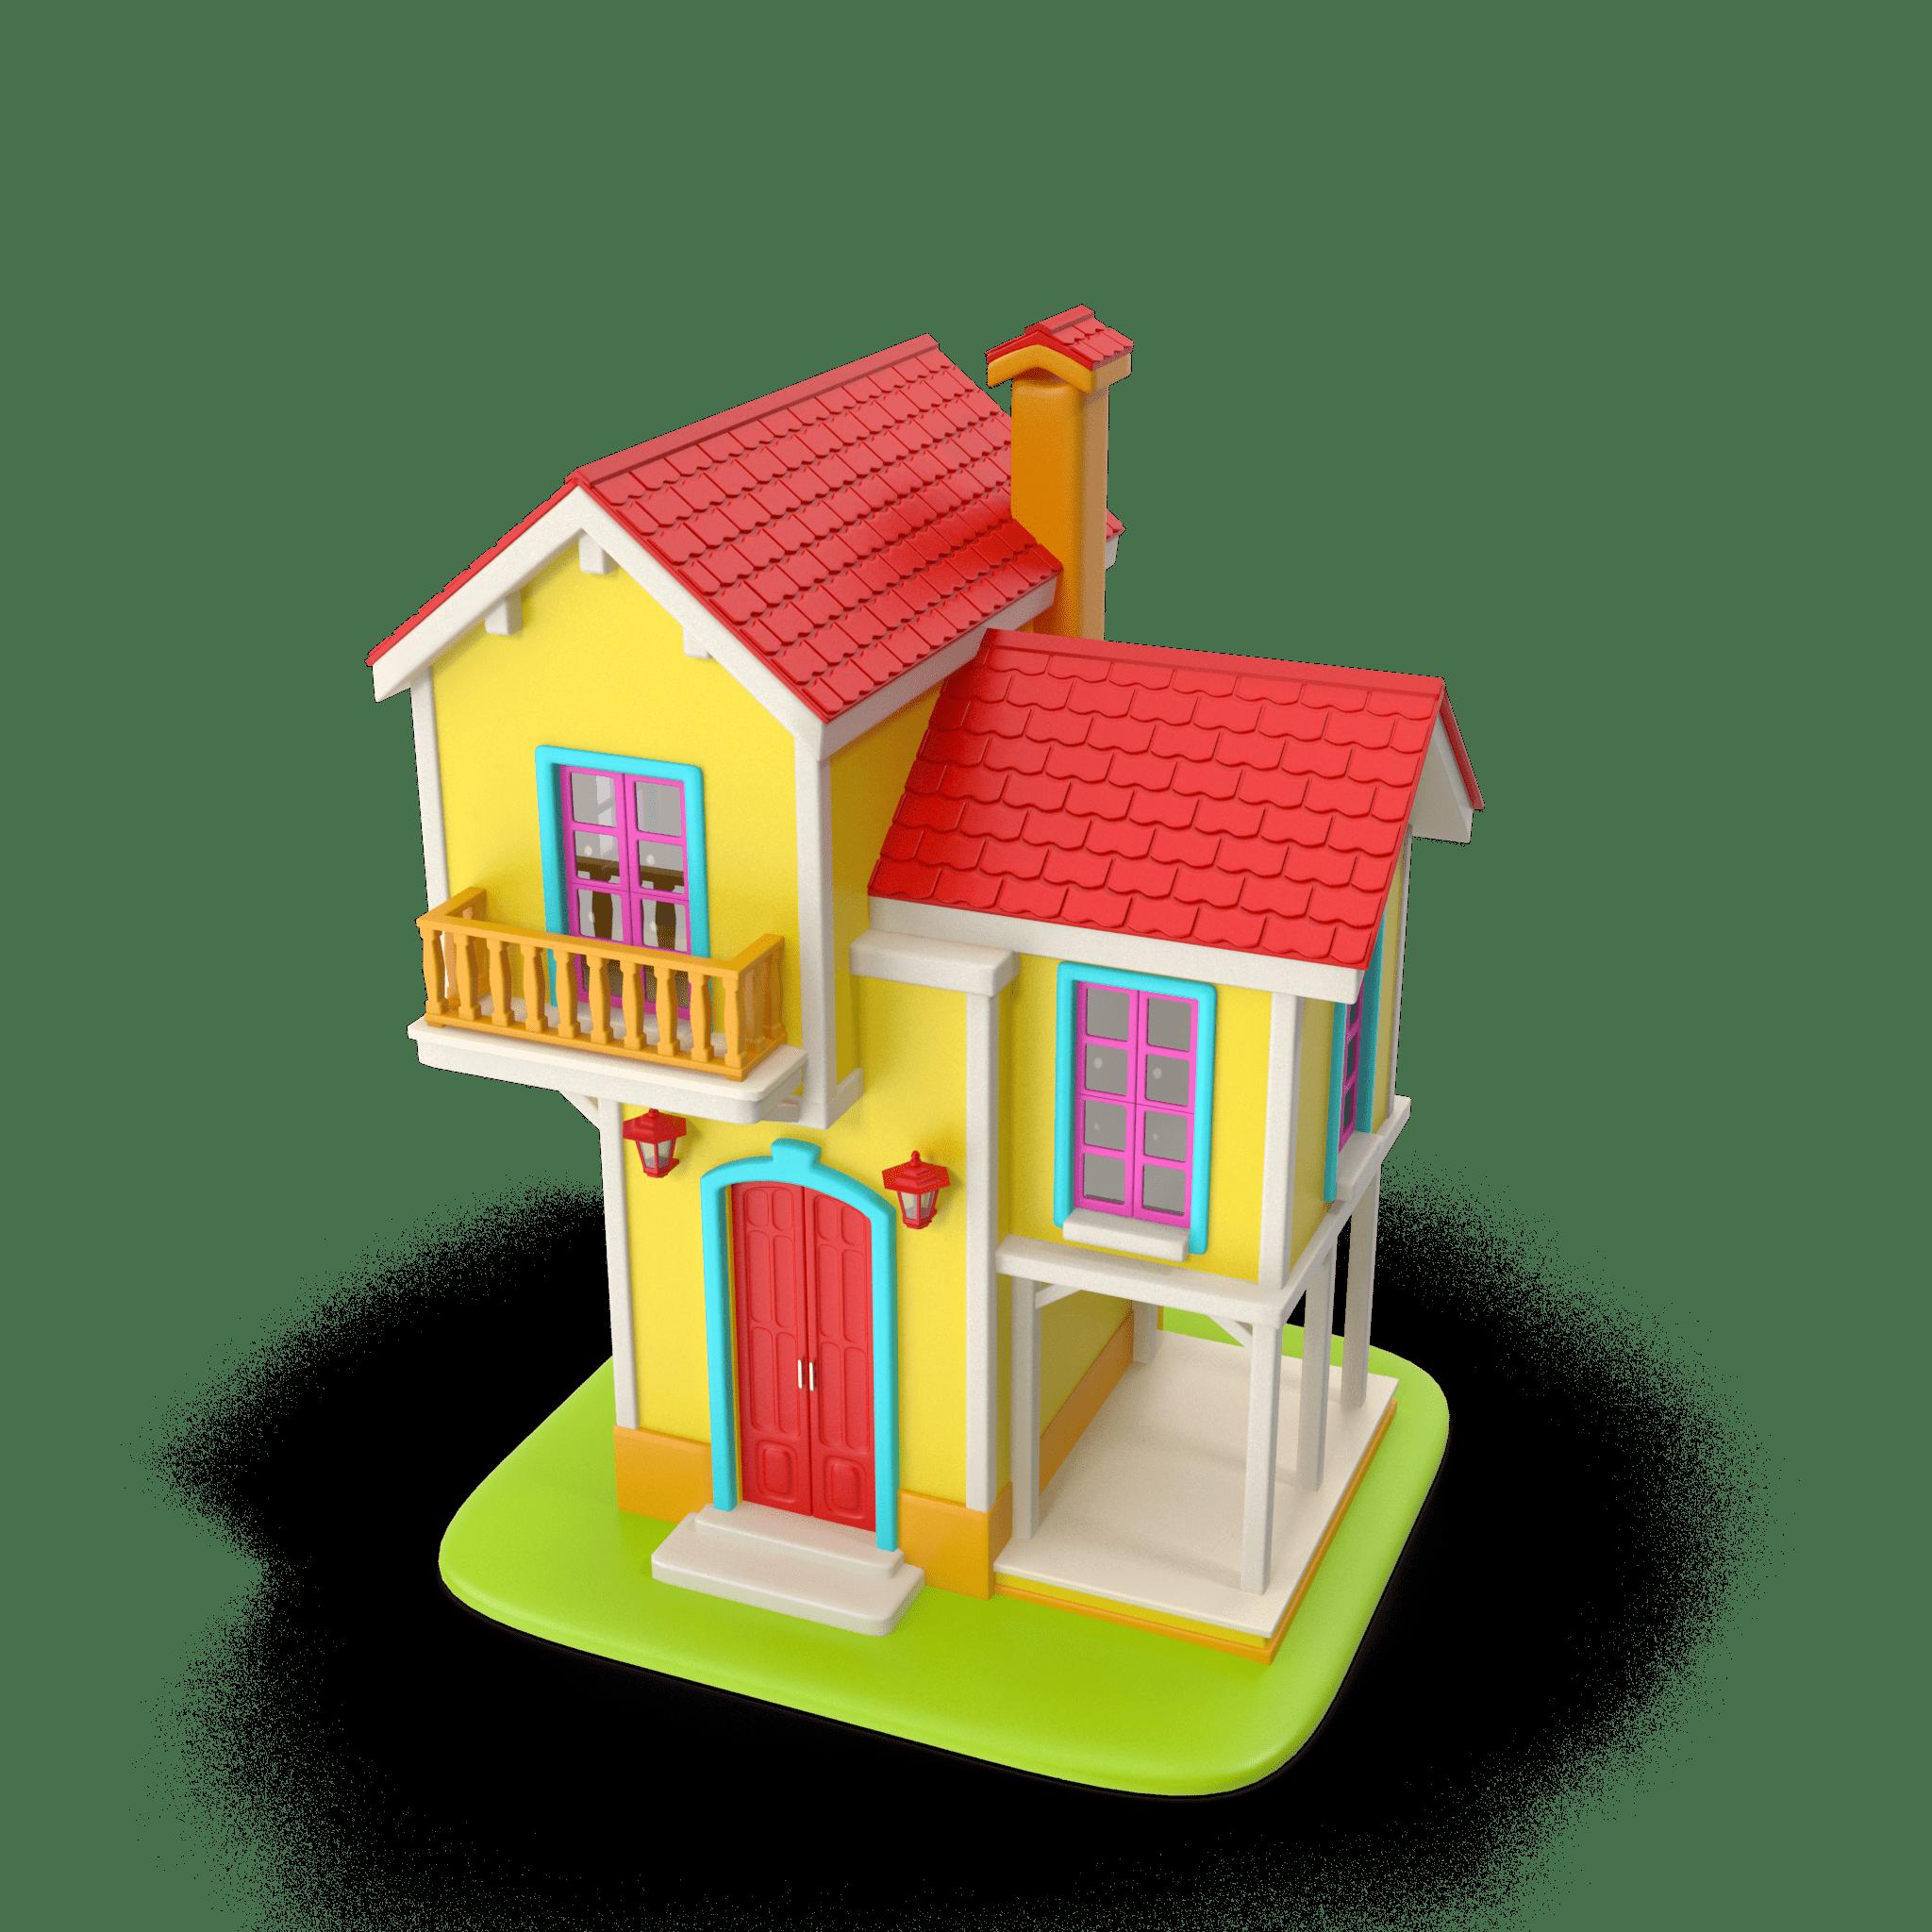 Werde ich es mir jemals leisten können, ein Haus zu kaufen?